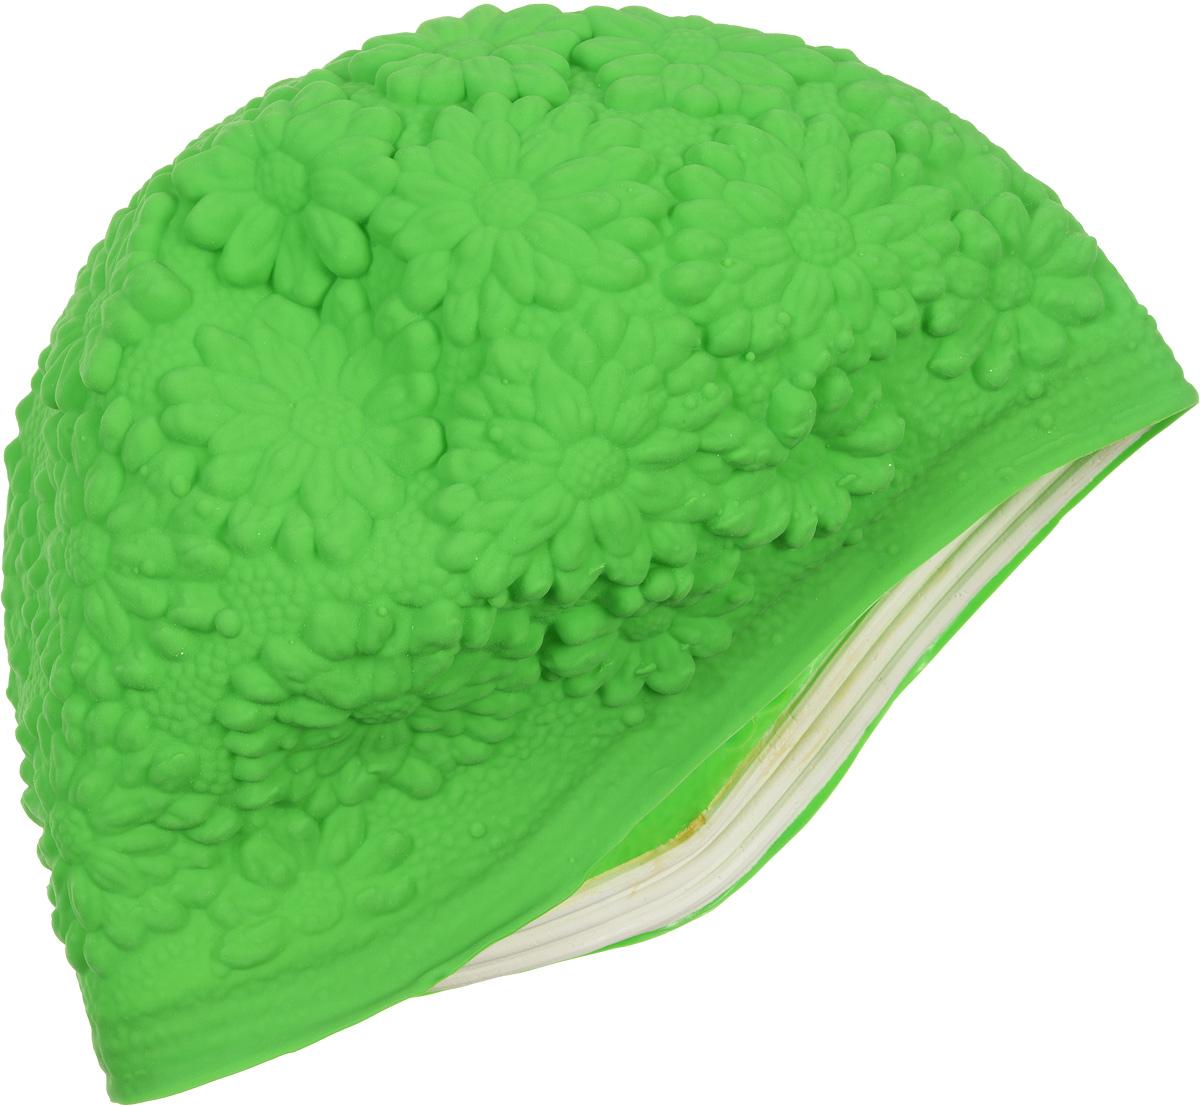 Шапочка для плавания MadWave Hawaii Chrysanthemum, женская, цвет: зеленыйM0517 02 0 10WЛатексная женская шапочка MadWave Hawaii Chrysanthemum с цветочным дизайном. Имеет превосходную эластичность и высокий уровень комфорта. Высококачественный материал обеспечивает долгий срок службы. Характеристики: Материал: латекс. Размер шапочки: 22 см x 21 см. Производитель: Китай. Артикул: M0517 02 0 10W.